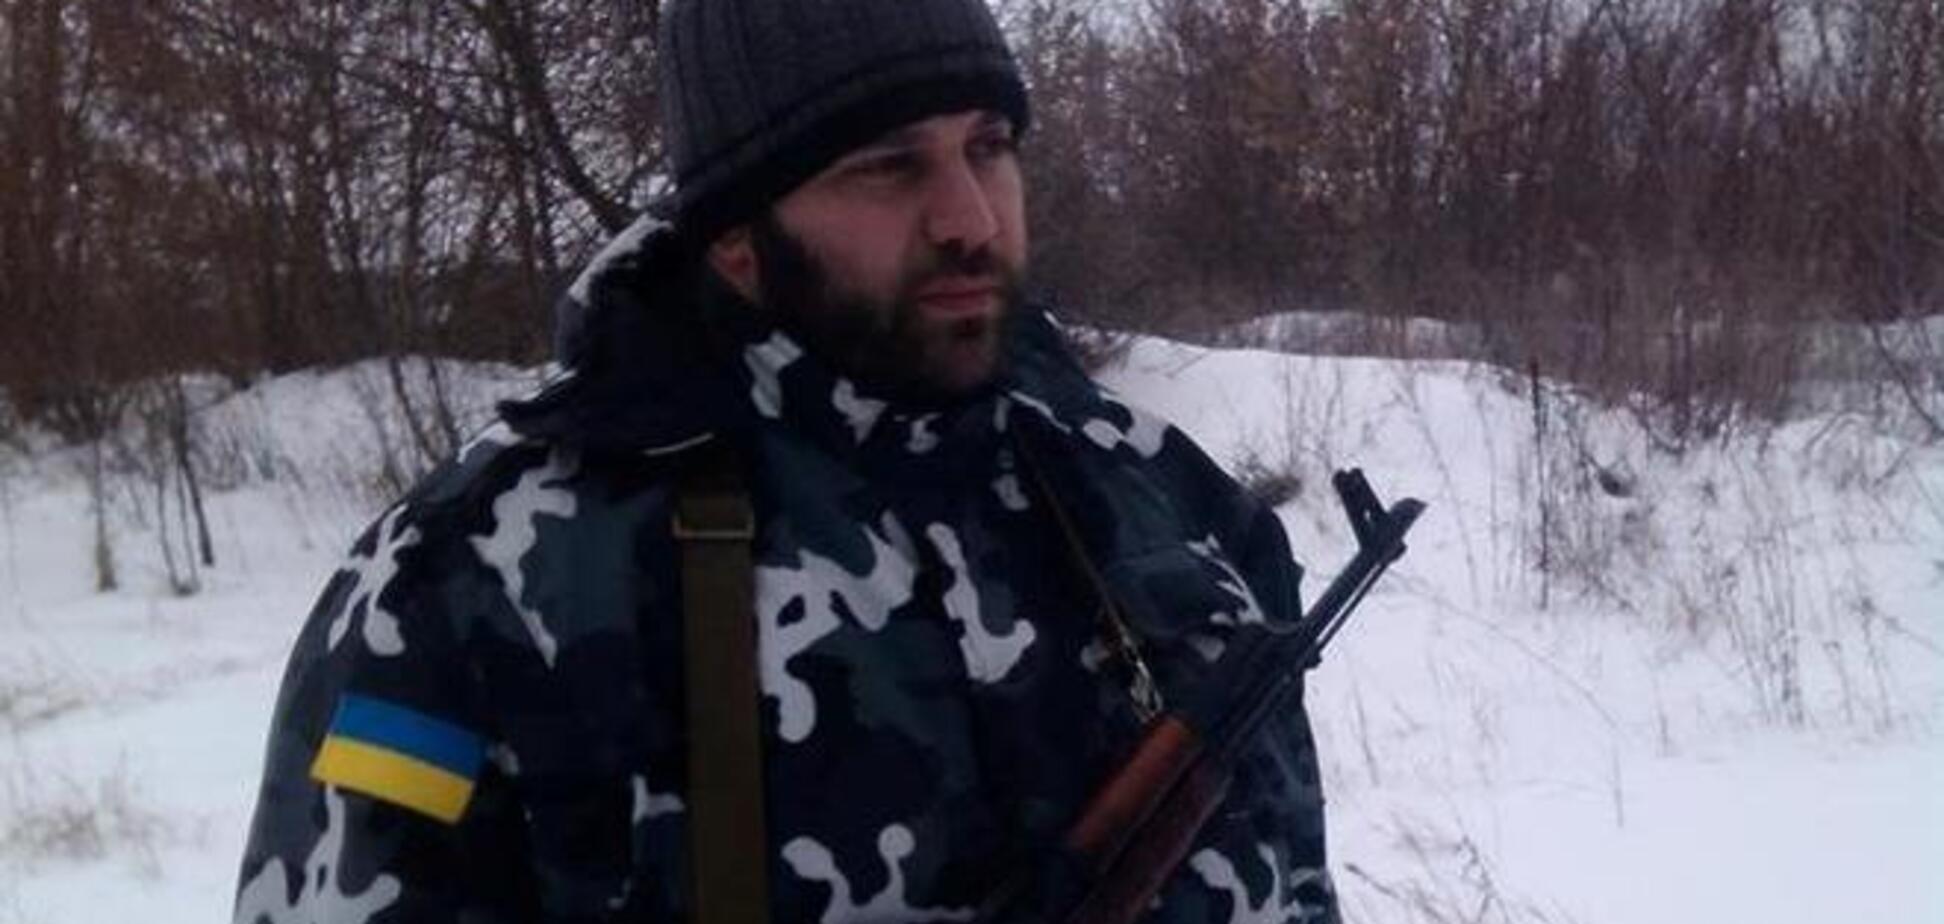 Грузинский боец АТО: боевики бьют по своим, чтобы показать, как 'украинская армия бомбит население'